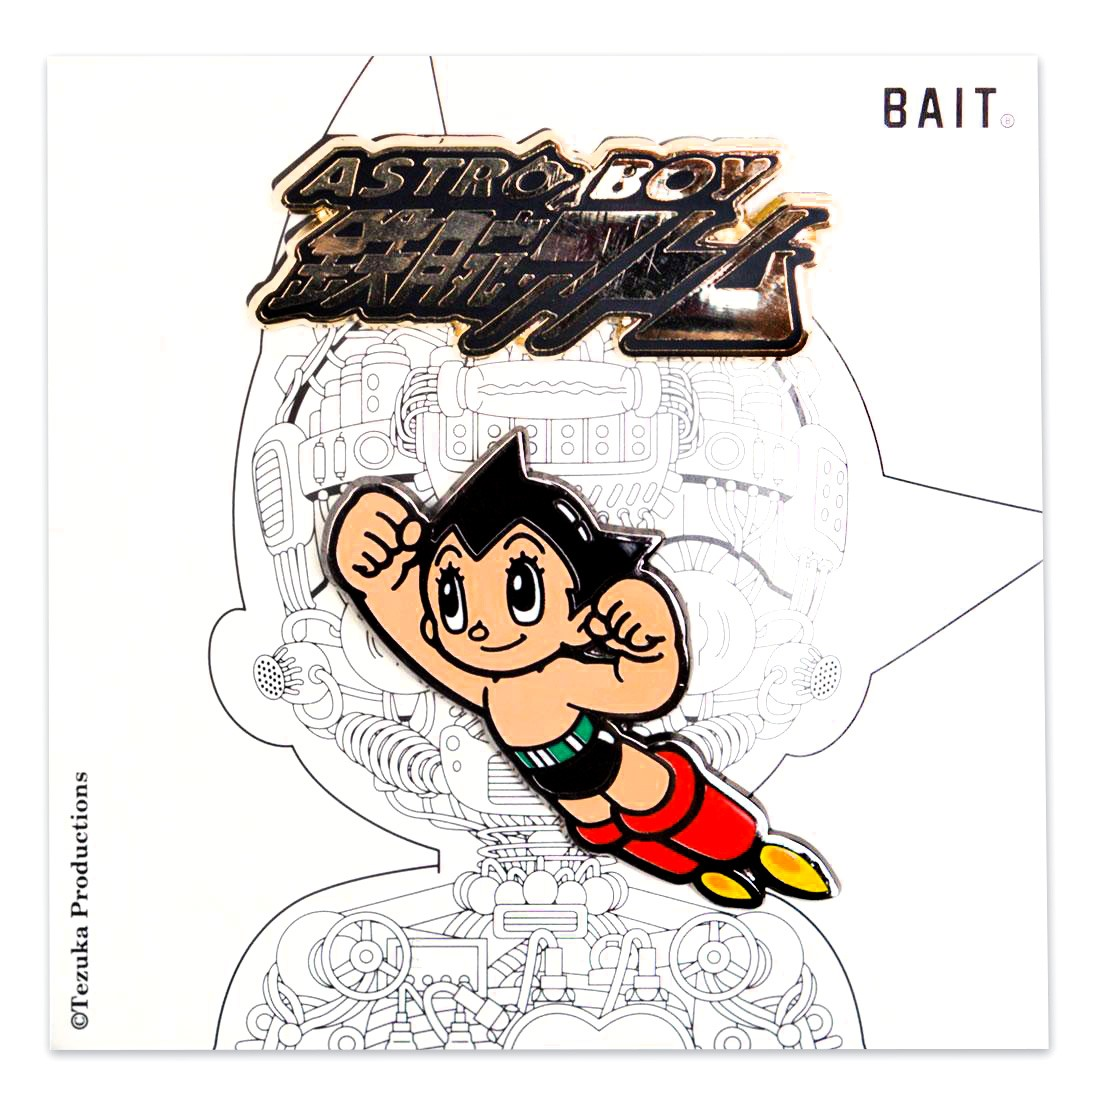 BAIT x Astro Boy Tetsuwan Atom Launch 2 Pins (multi)